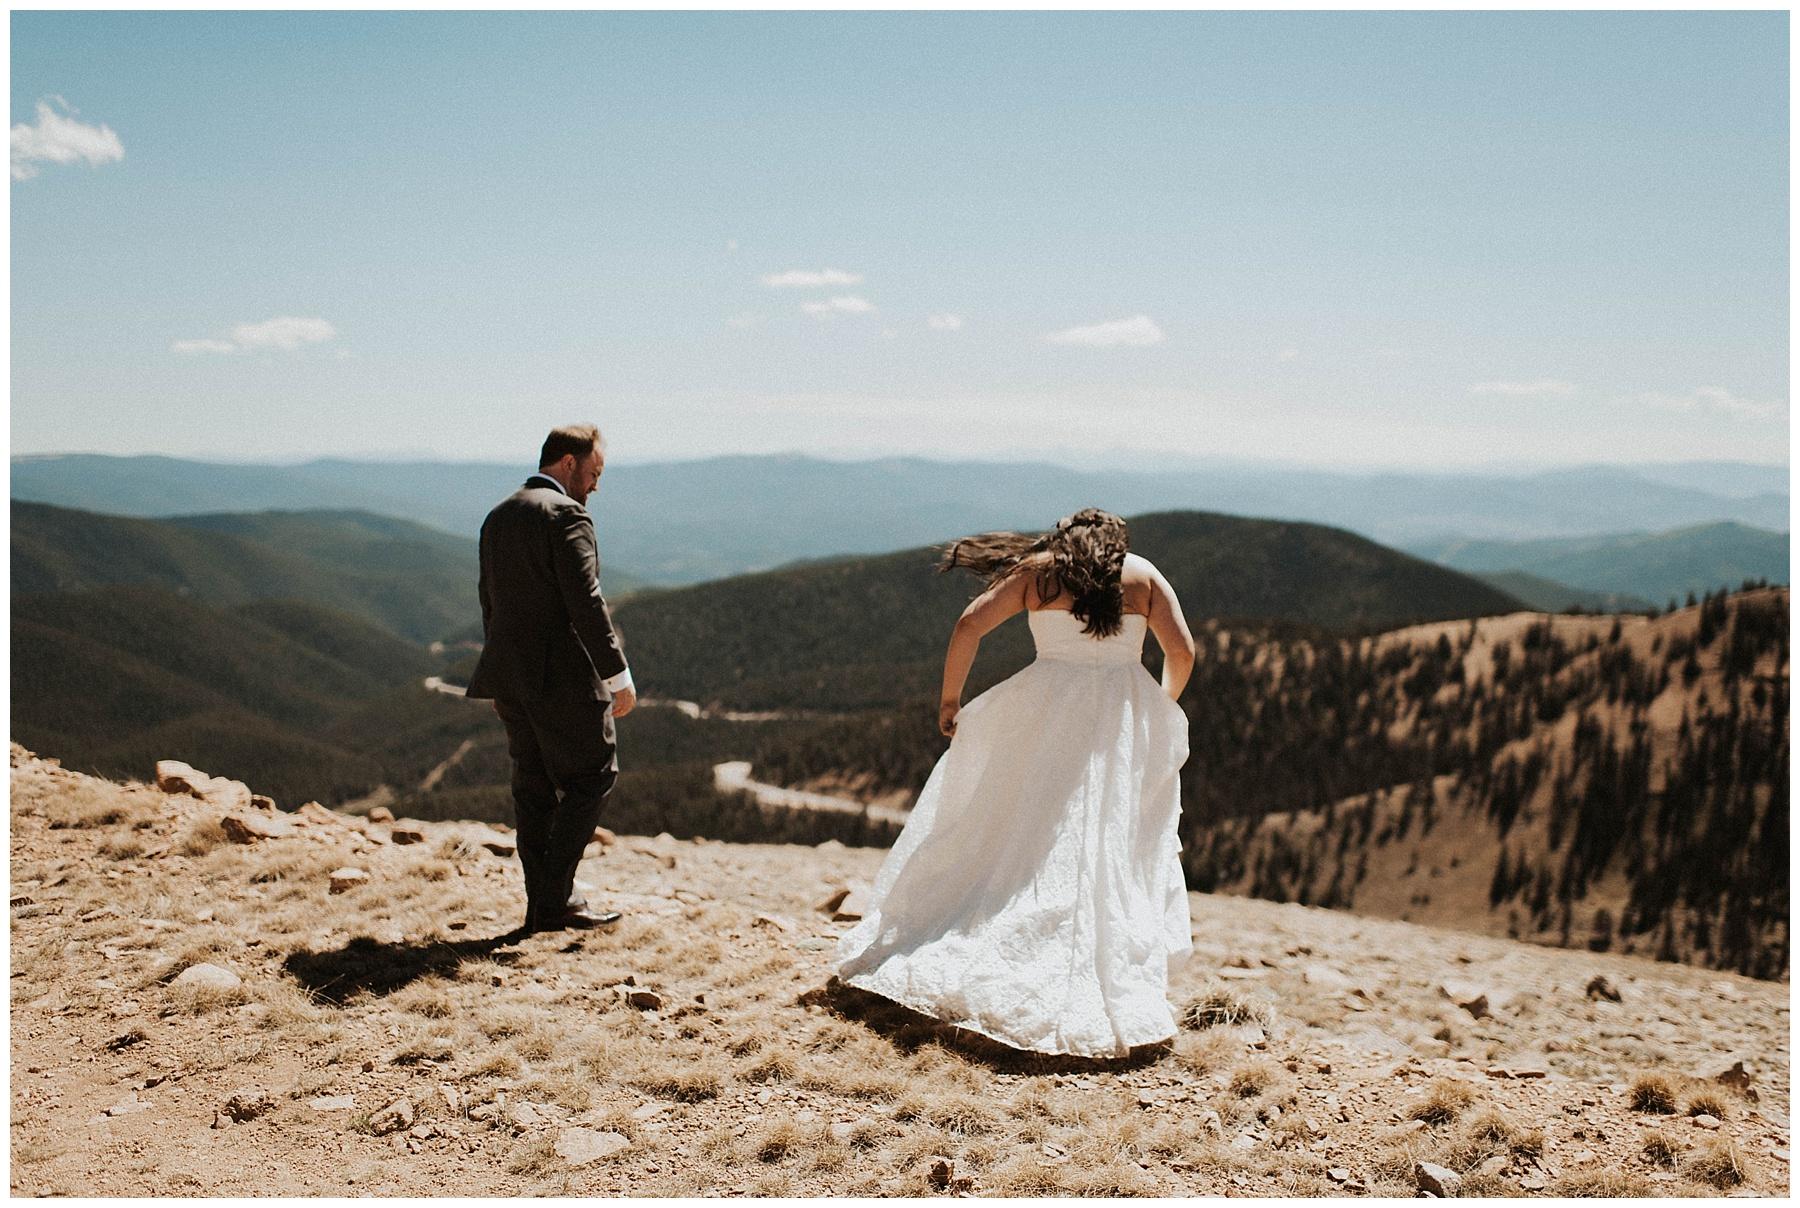 96419870ba22 Ben + Lainee    Desert Colorado Wedding - Lauren F.otography